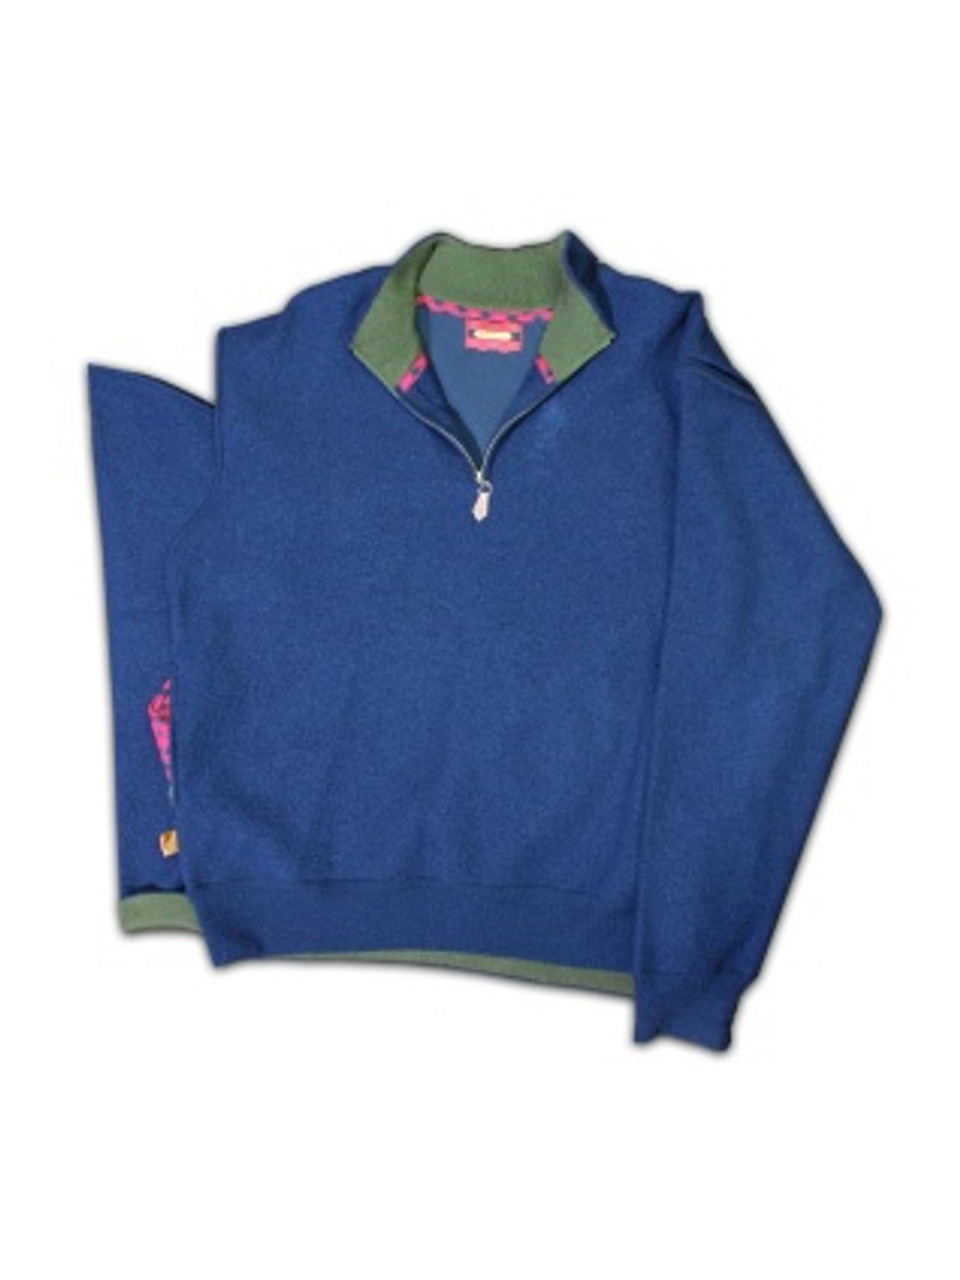 AvieMoor Sweater - Navy